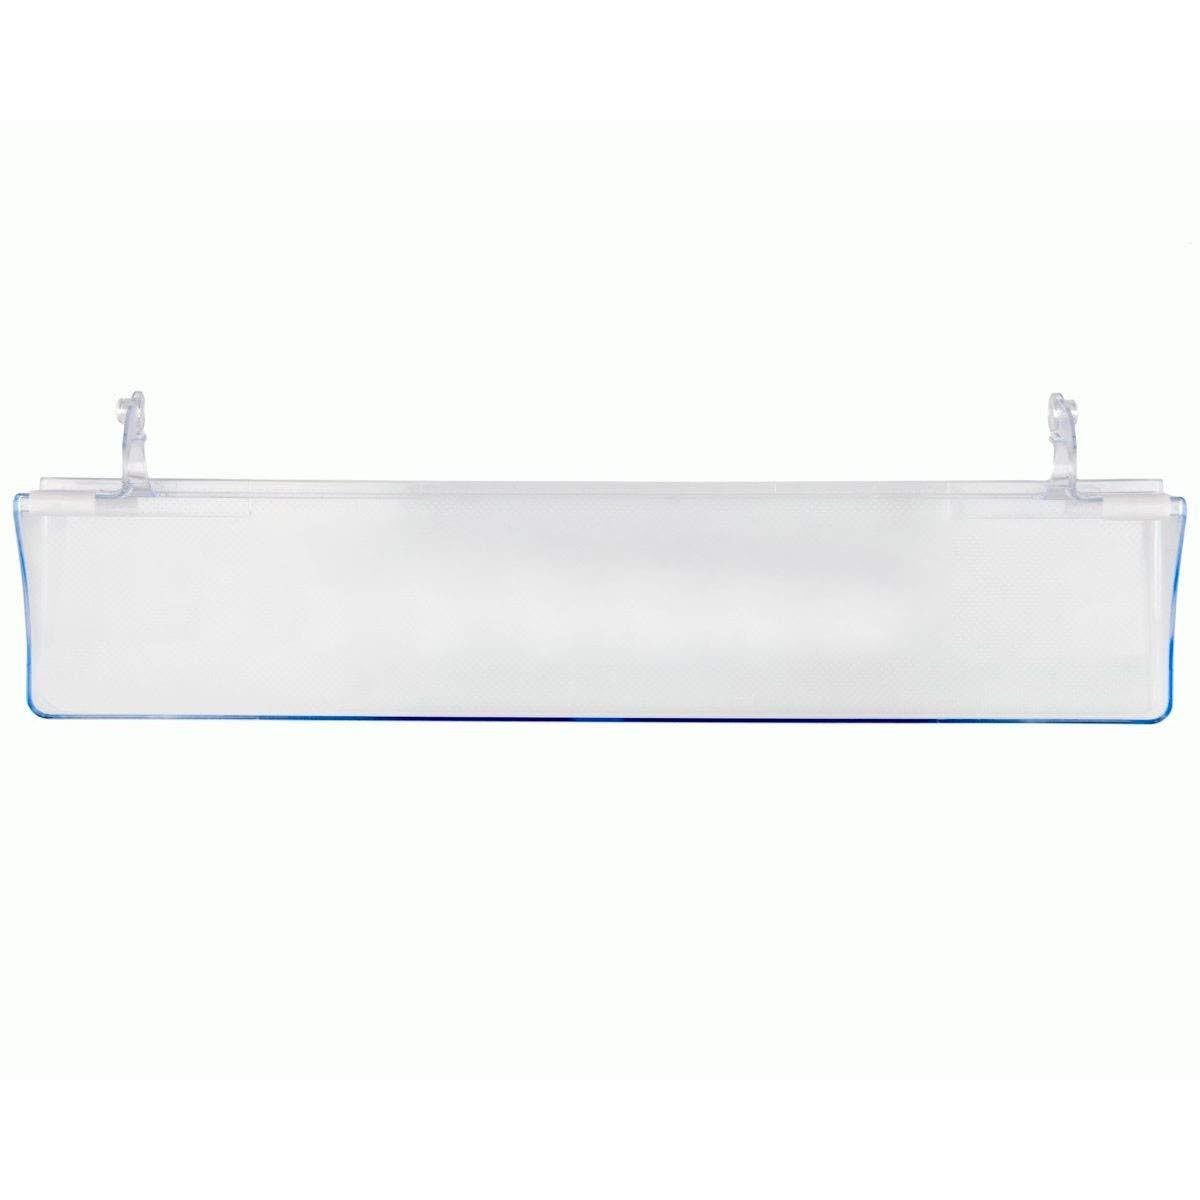 Recamania Tapa abatible frigorífico Balay Bosch LG Siemens KGN36A ...